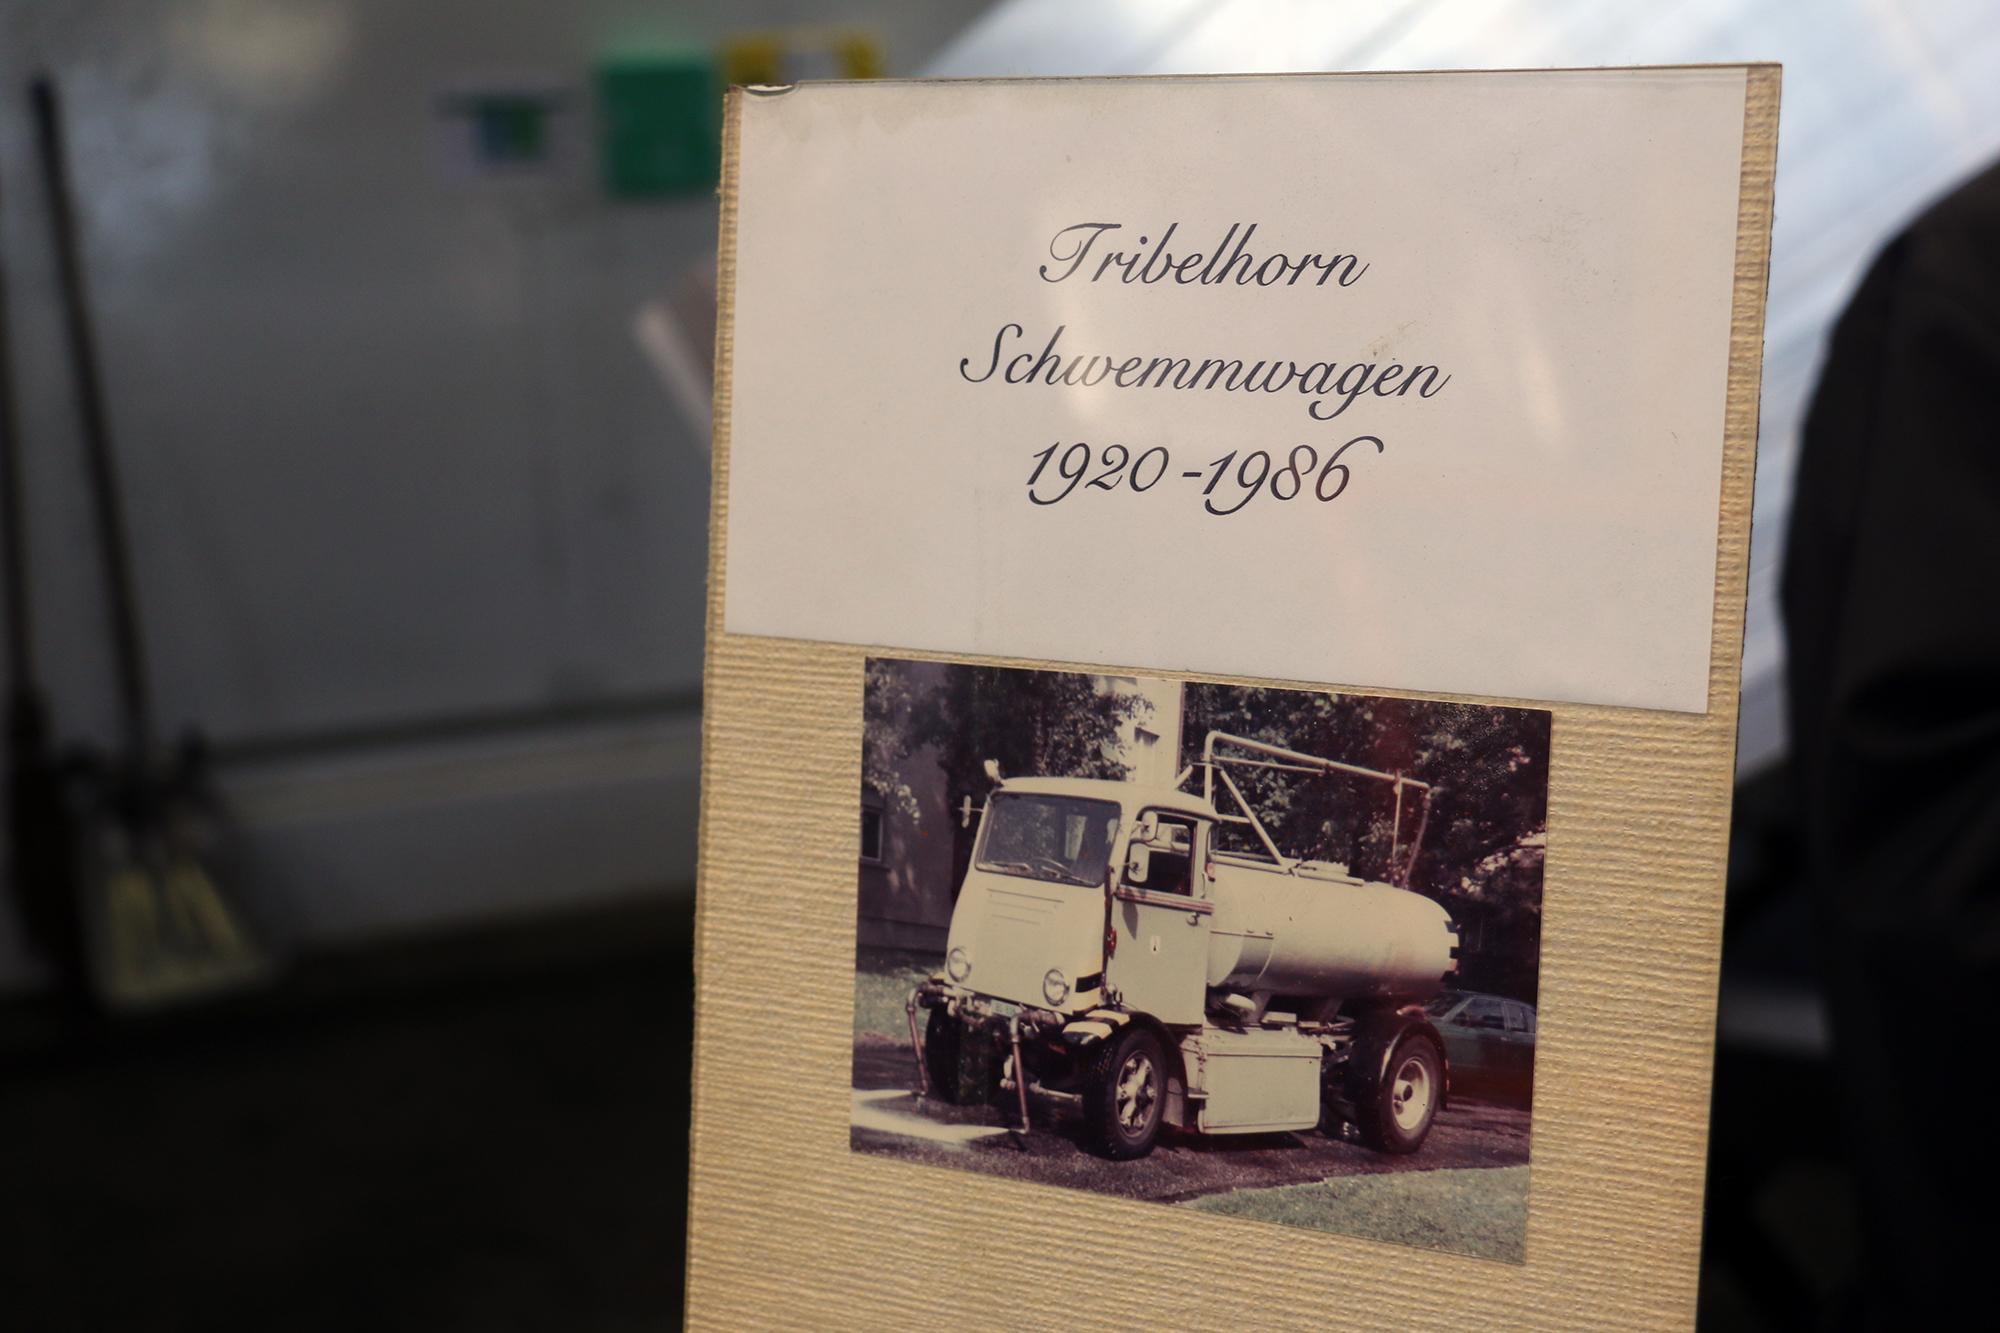 Seit 1920 betreibt das Tiefbauamt elektrisch betriebene Fahrzeuge. Diese Tribelhorn-Flotte war bis 1966 in Betrieb.